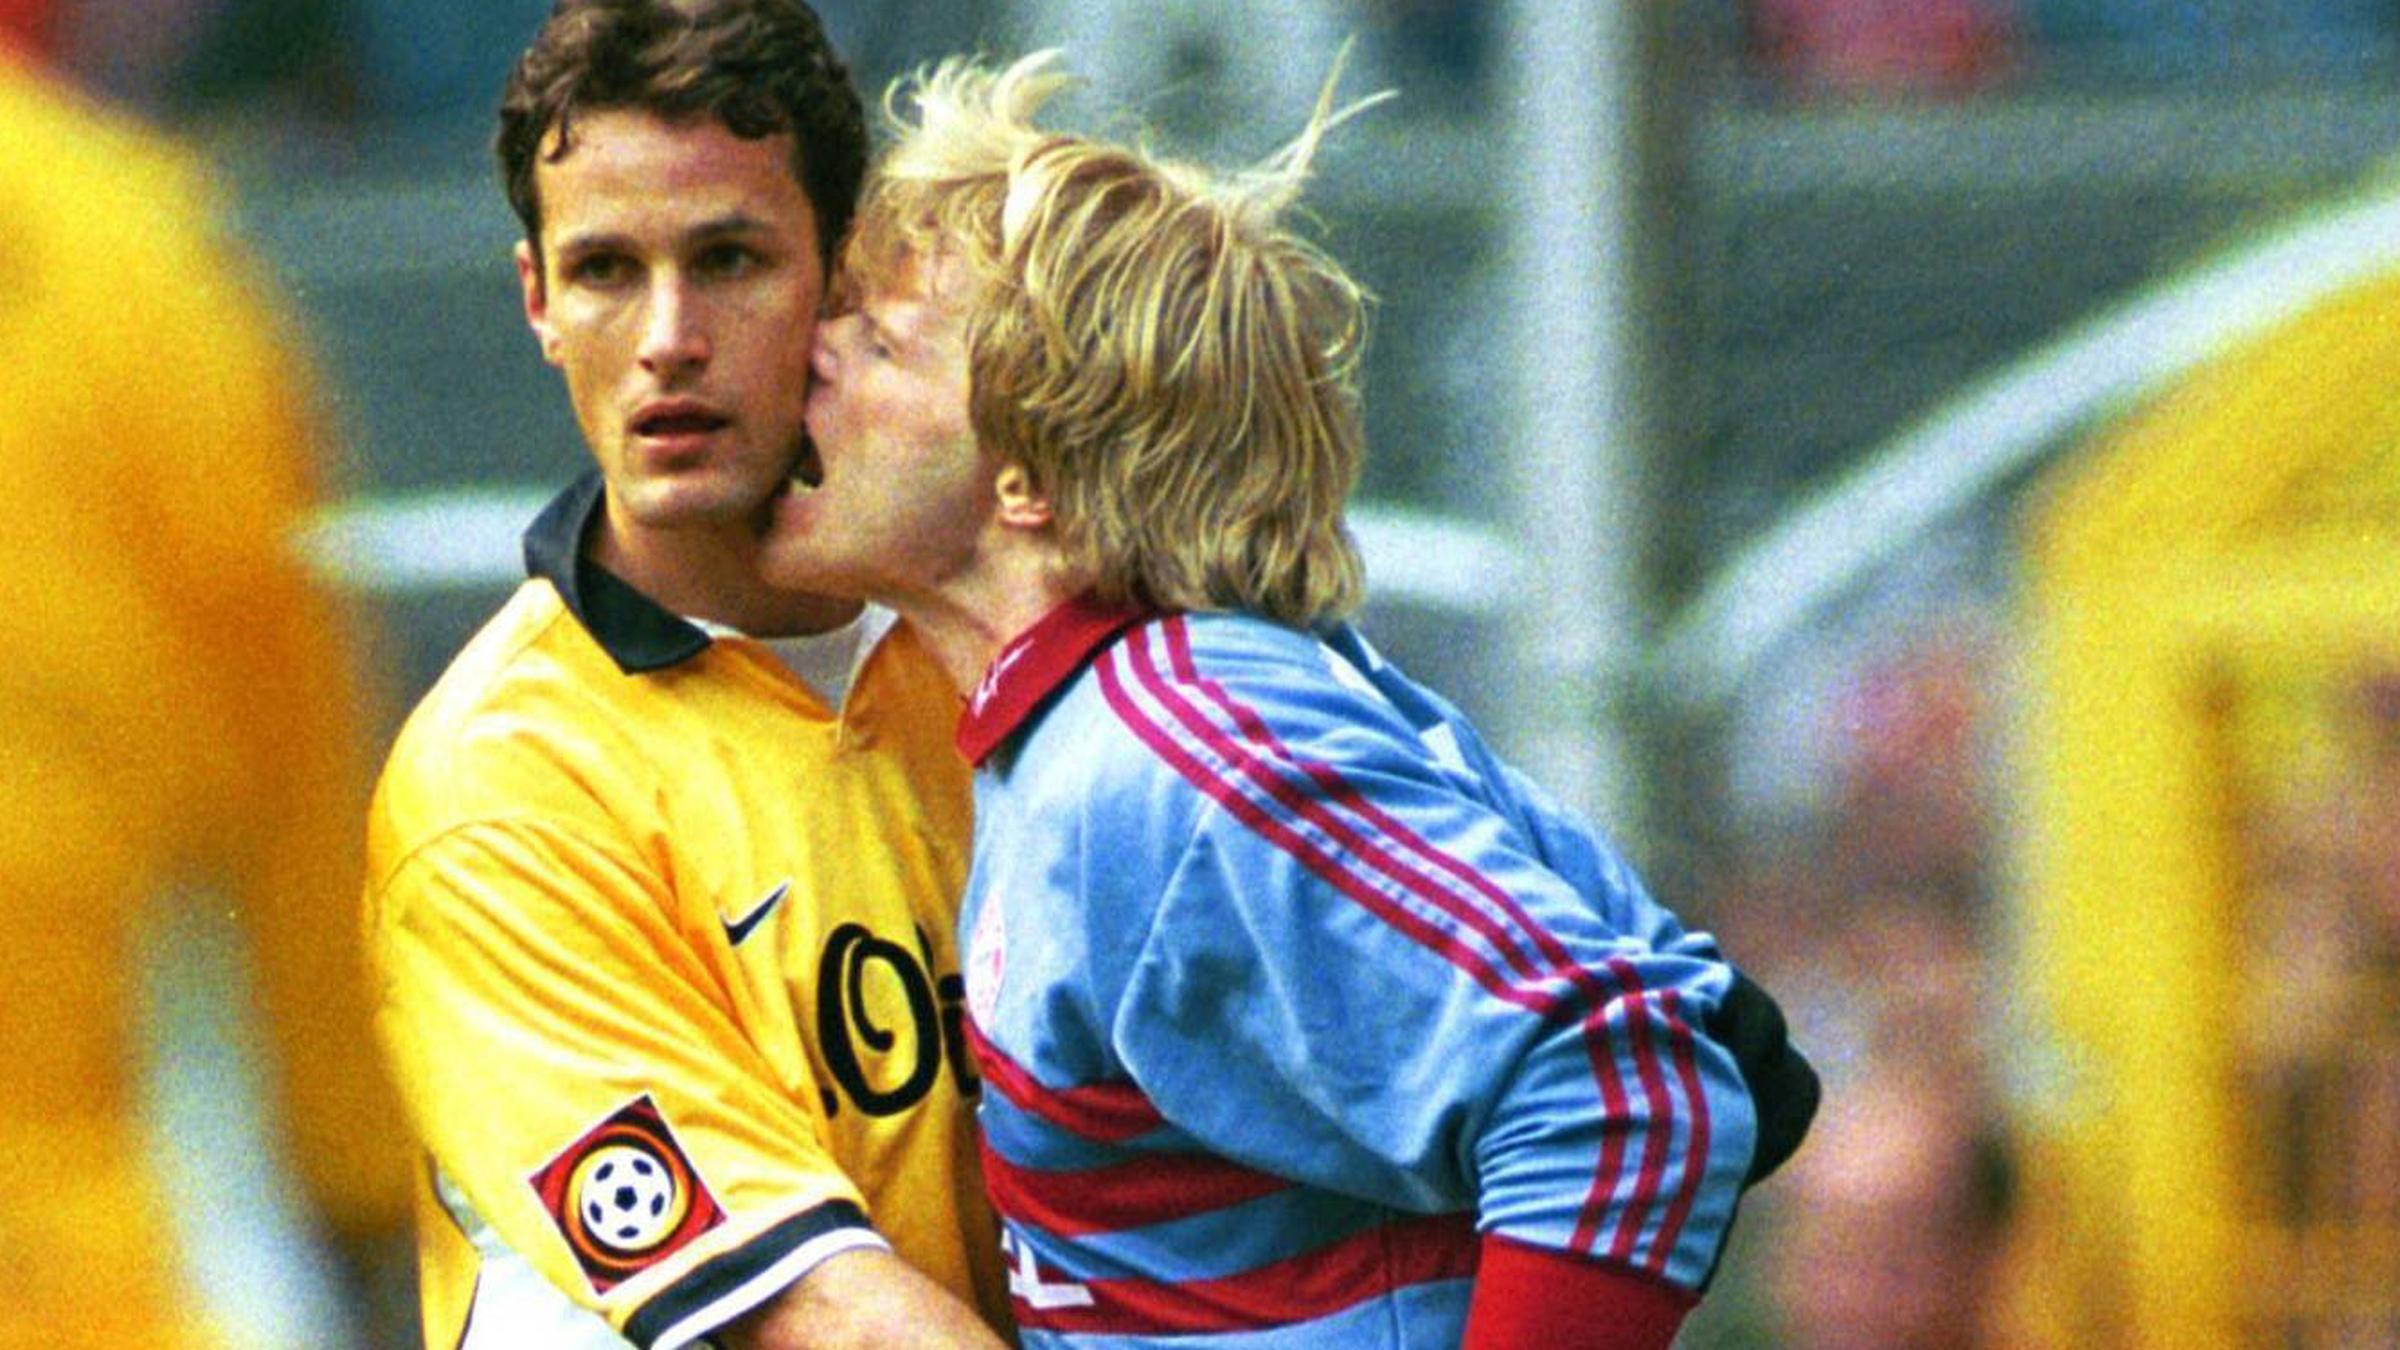 Archiv: Heiko Herrlich und Oliver Kahn am 03.04.1999 in Dortmund